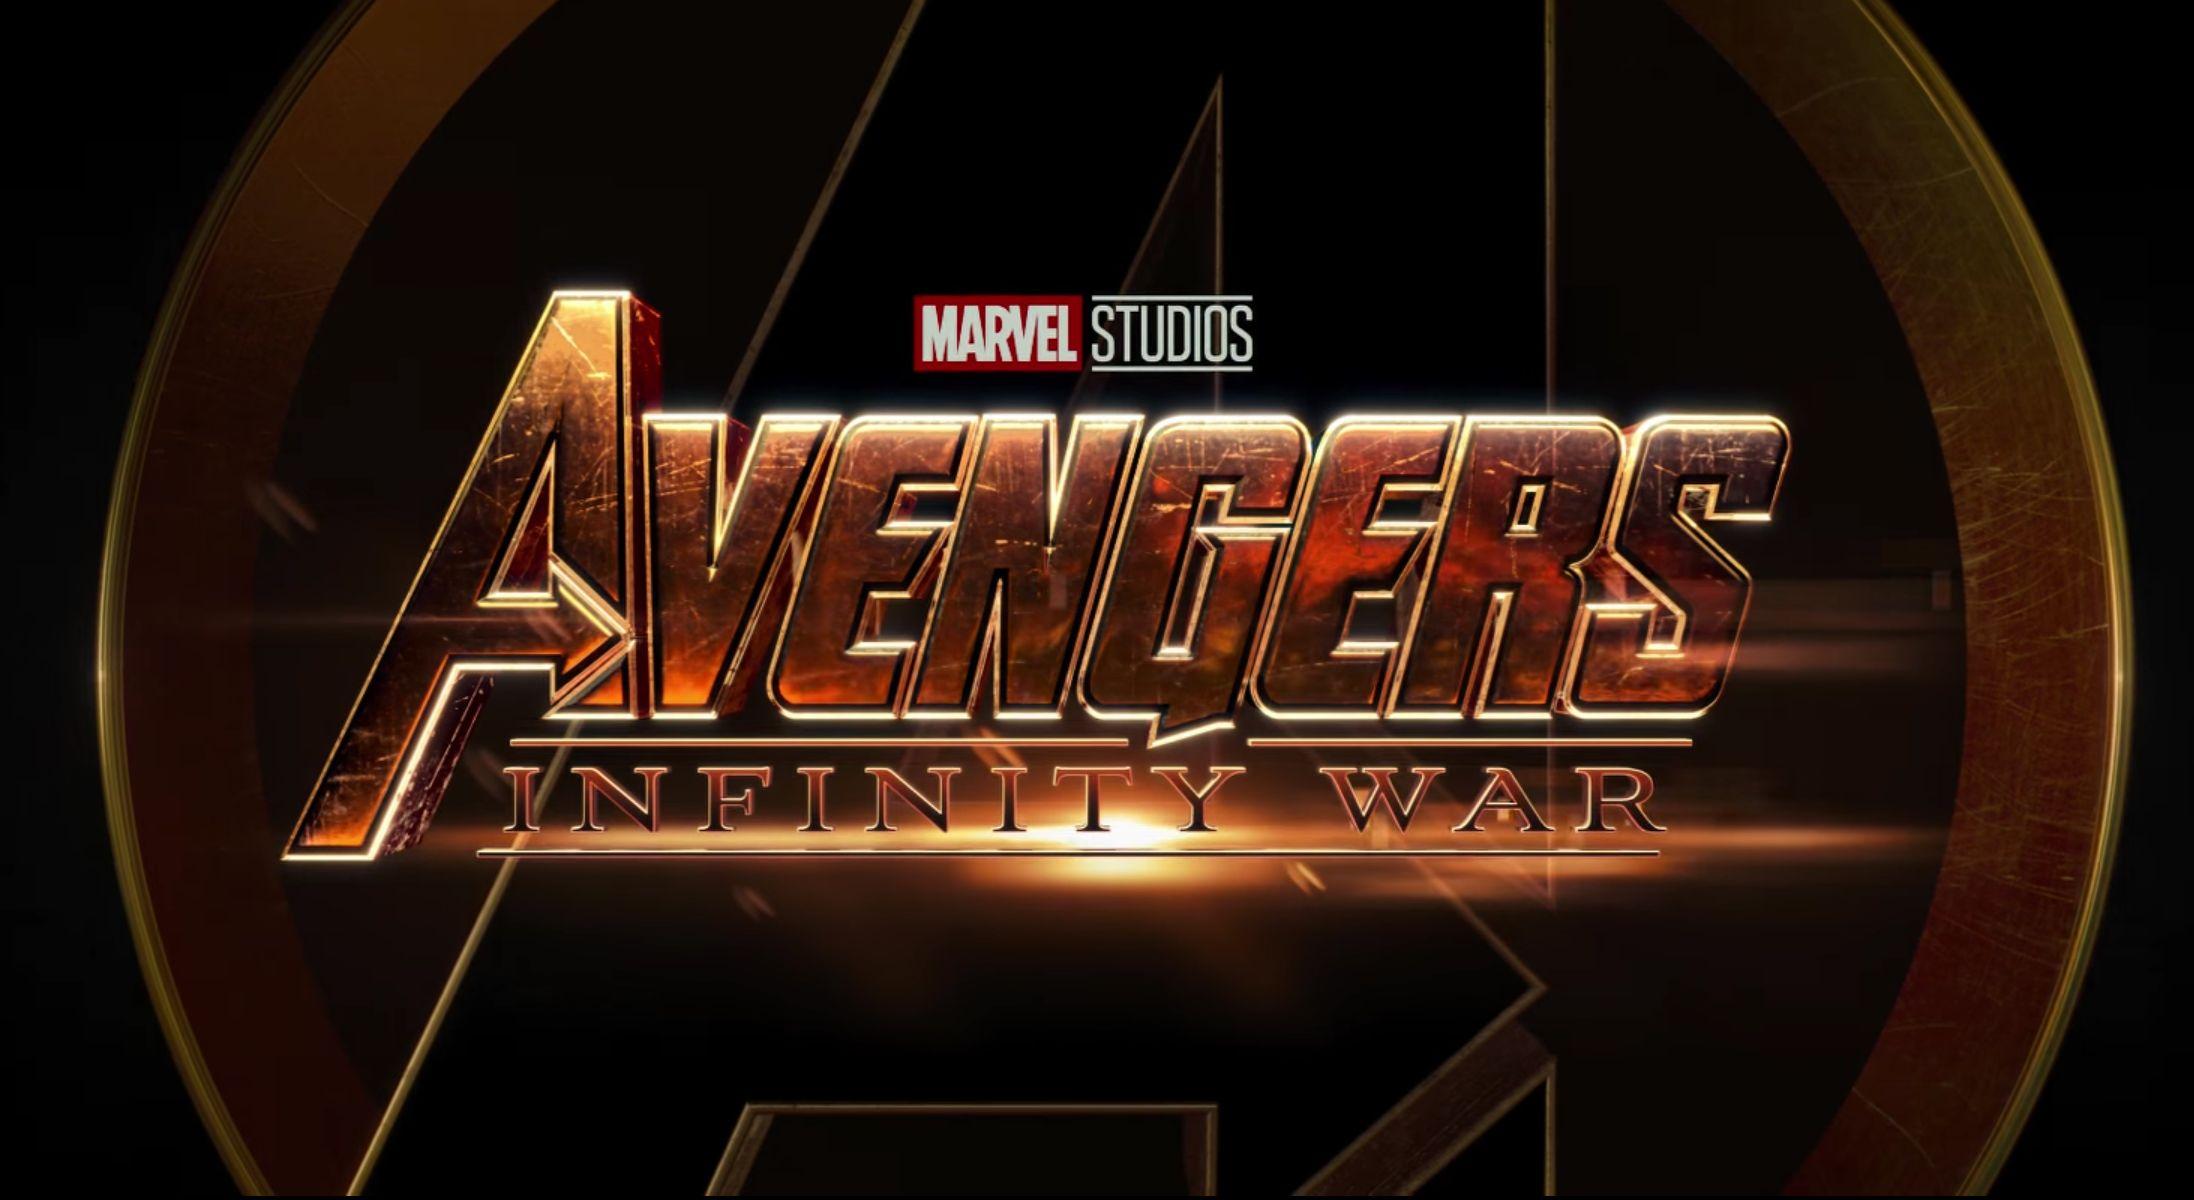 Винтернете появился трейлер «Мстителей: вражда бесконечности»